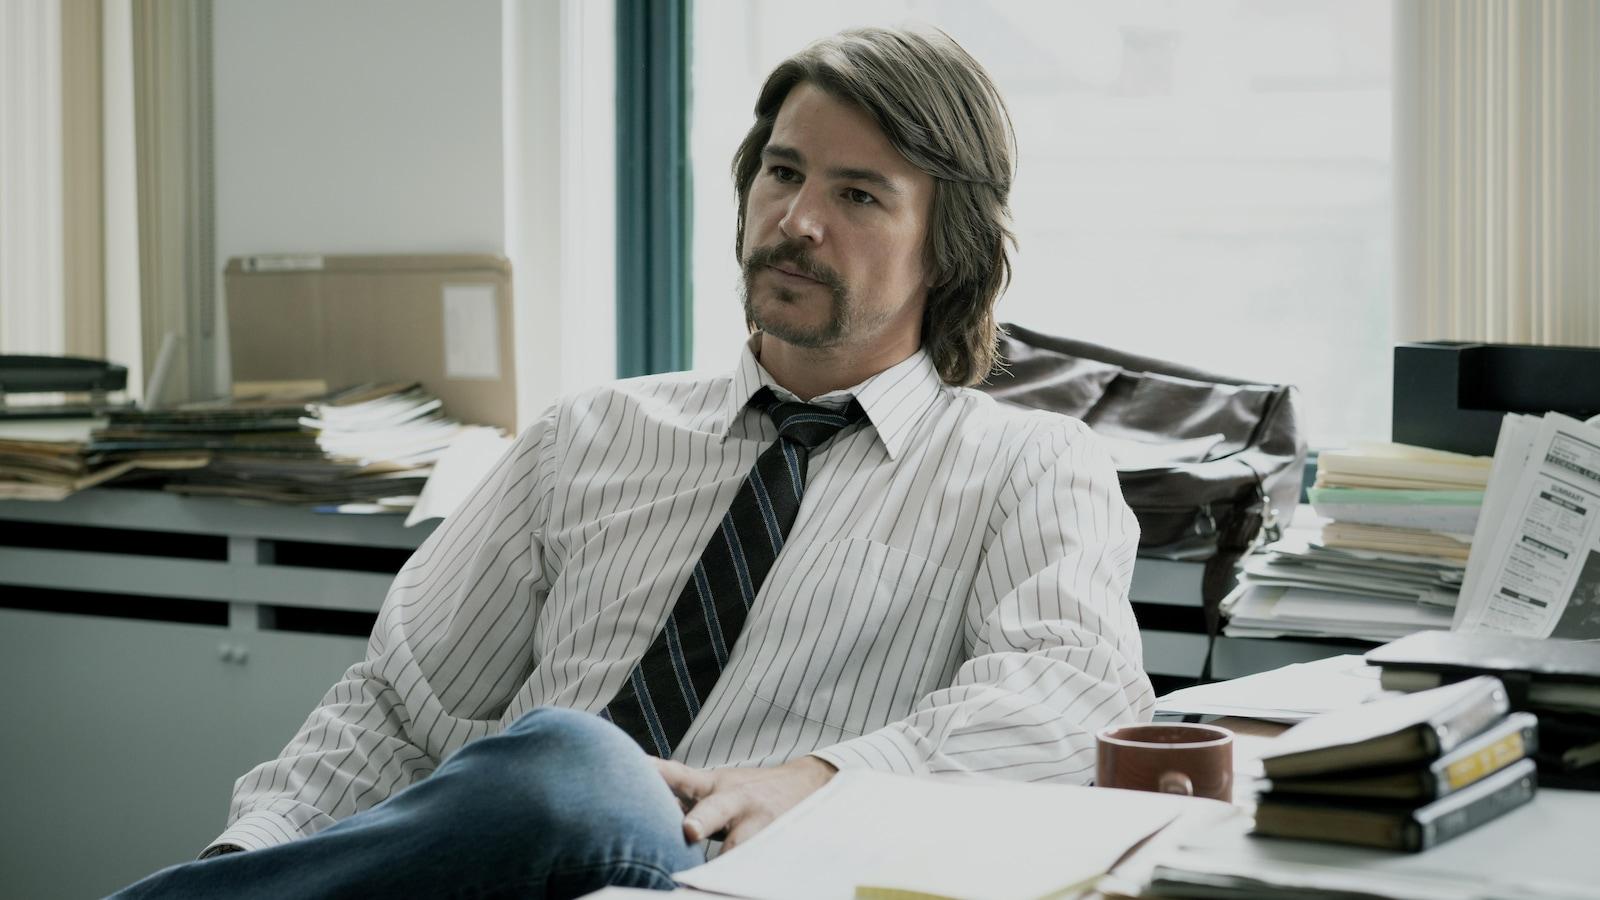 Un homme, avec les cheveux mi-longs, vêtu d'une chemise lignée et d'une cravate bleue, est assis à son bureau.